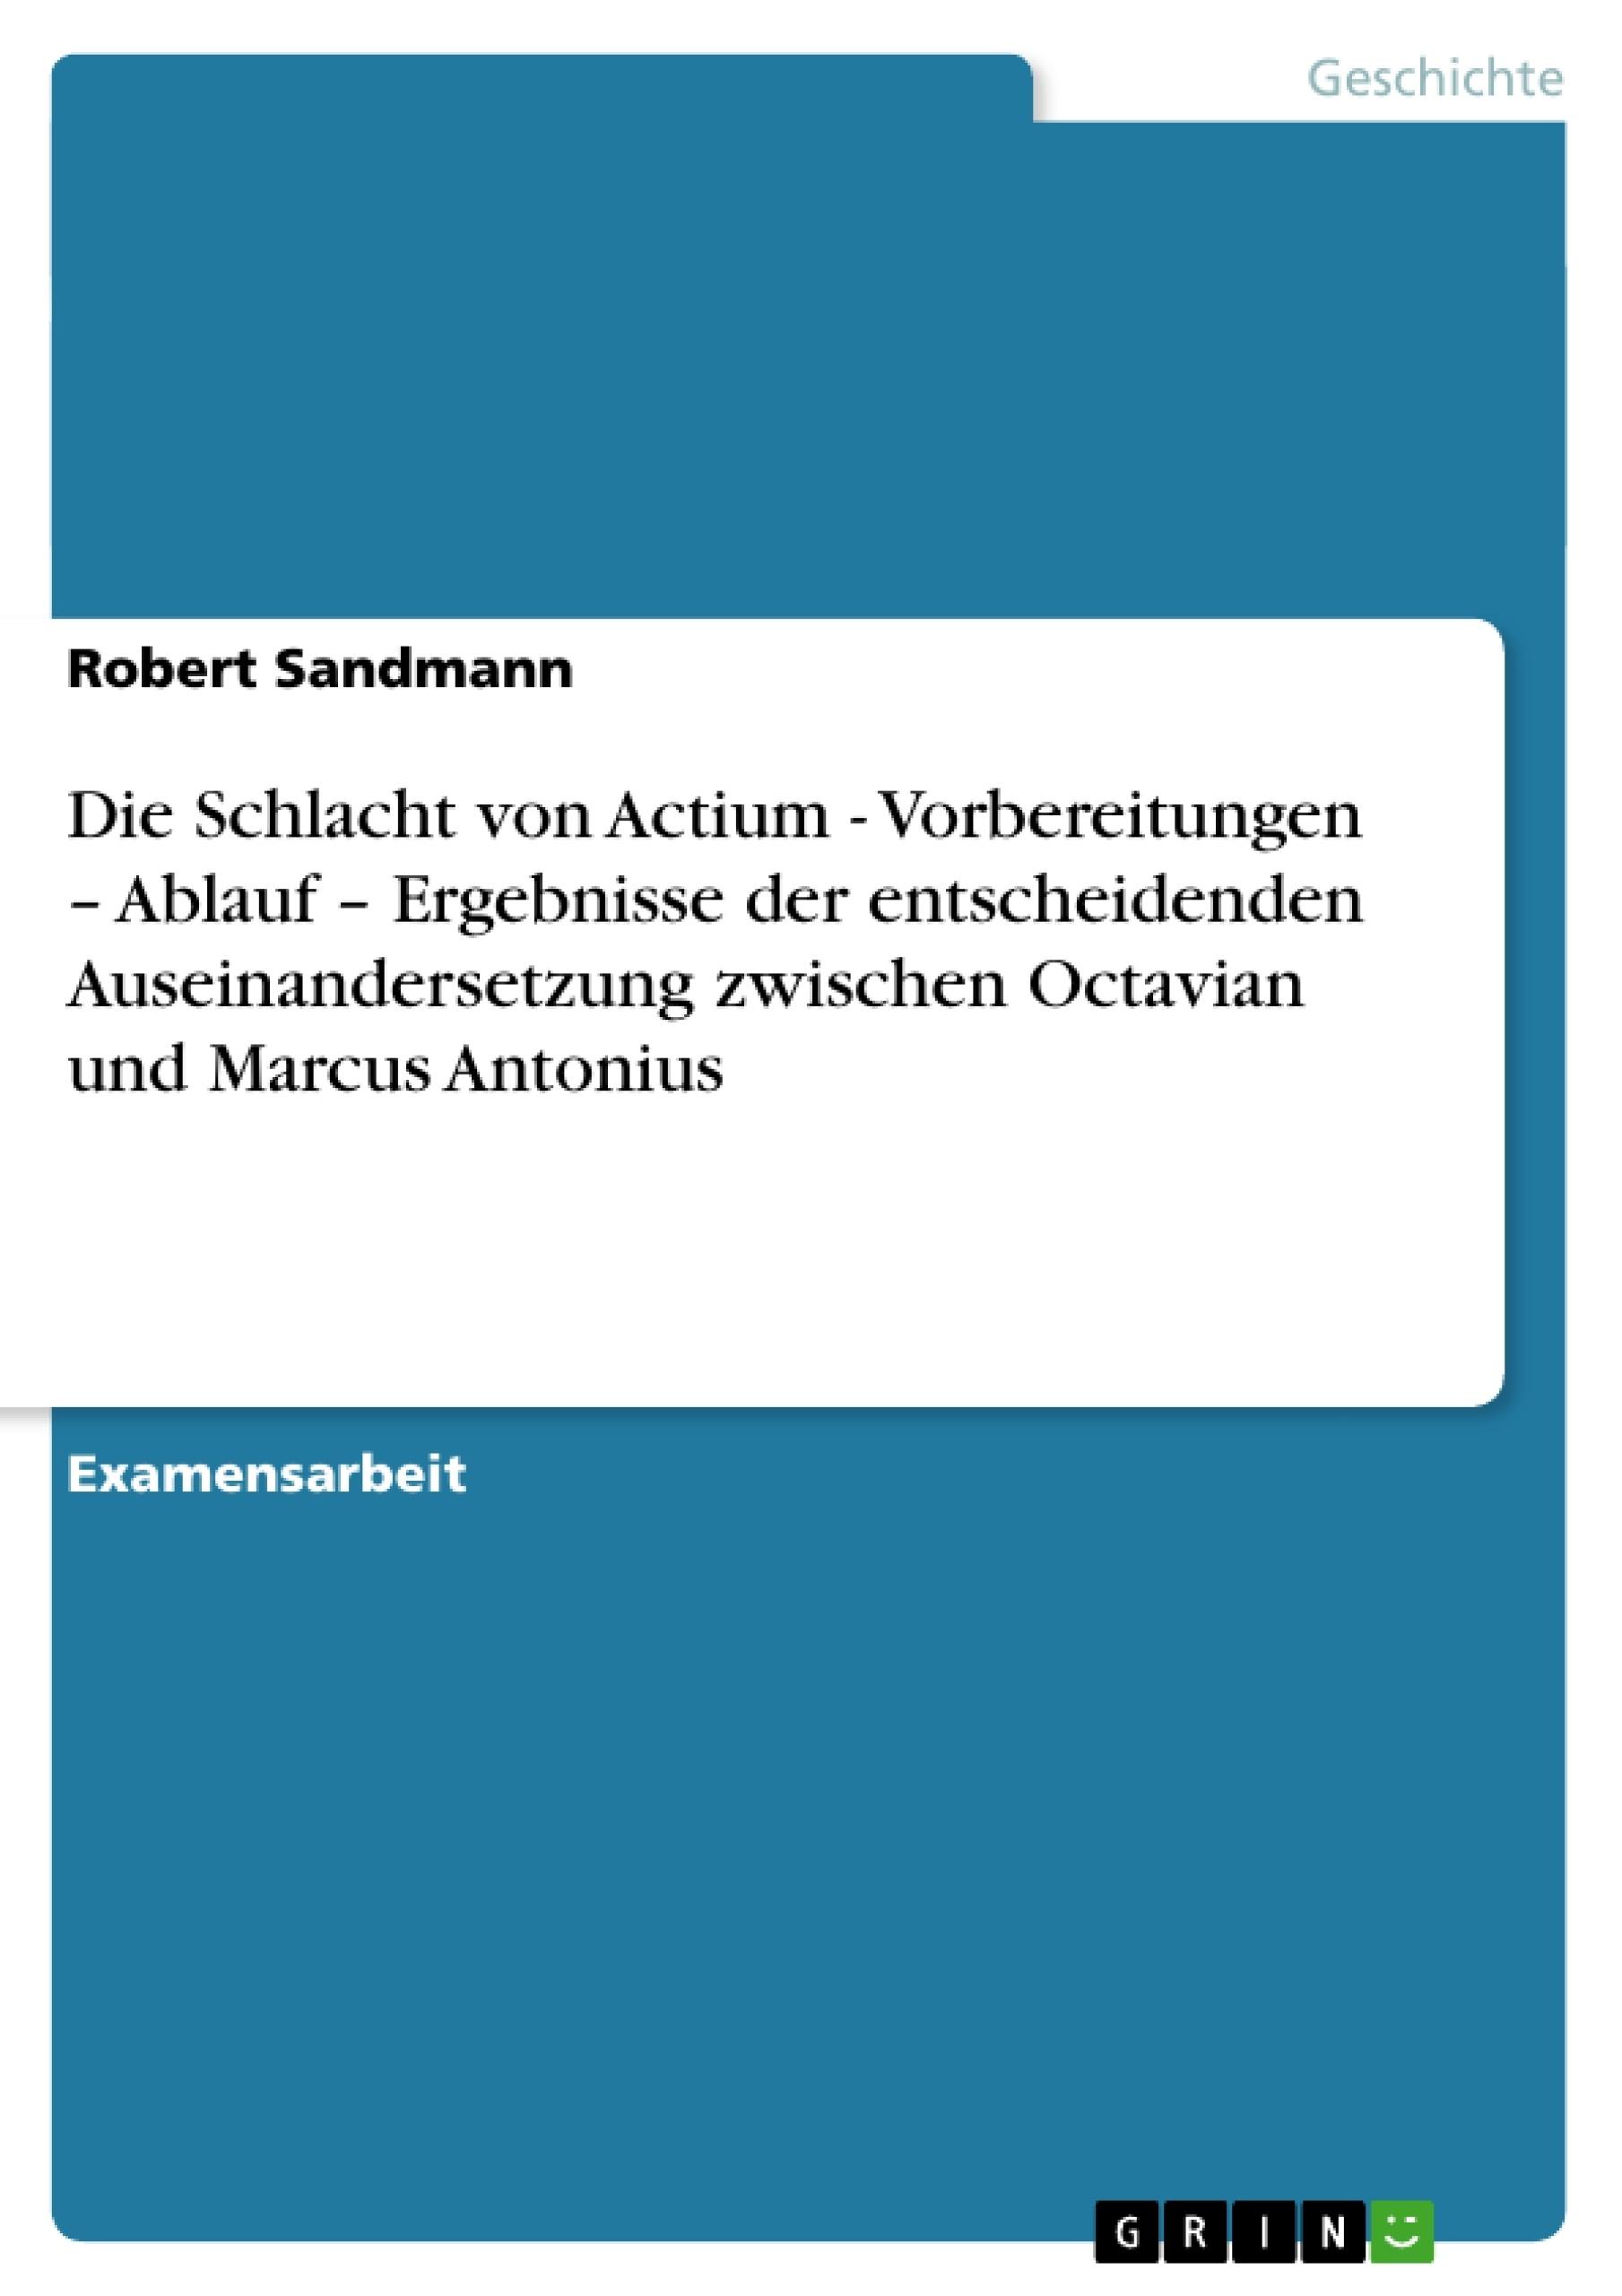 Titel: Die Schlacht von Actium - Vorbereitungen – Ablauf – Ergebnisse  der entscheidenden Auseinandersetzung zwischen Octavian und Marcus Antonius